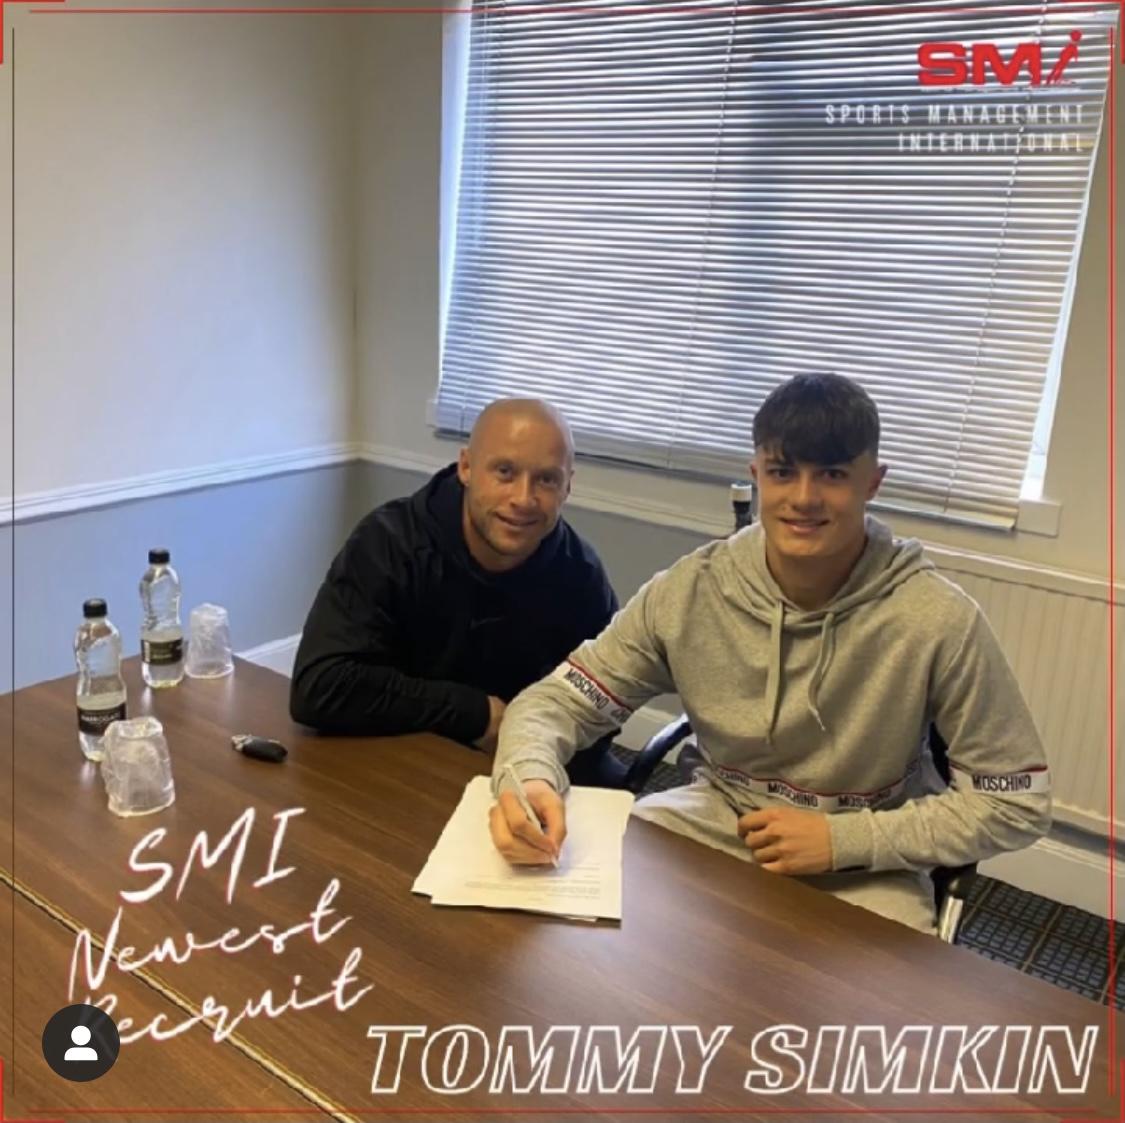 Tommy Simkin new SMI recruit